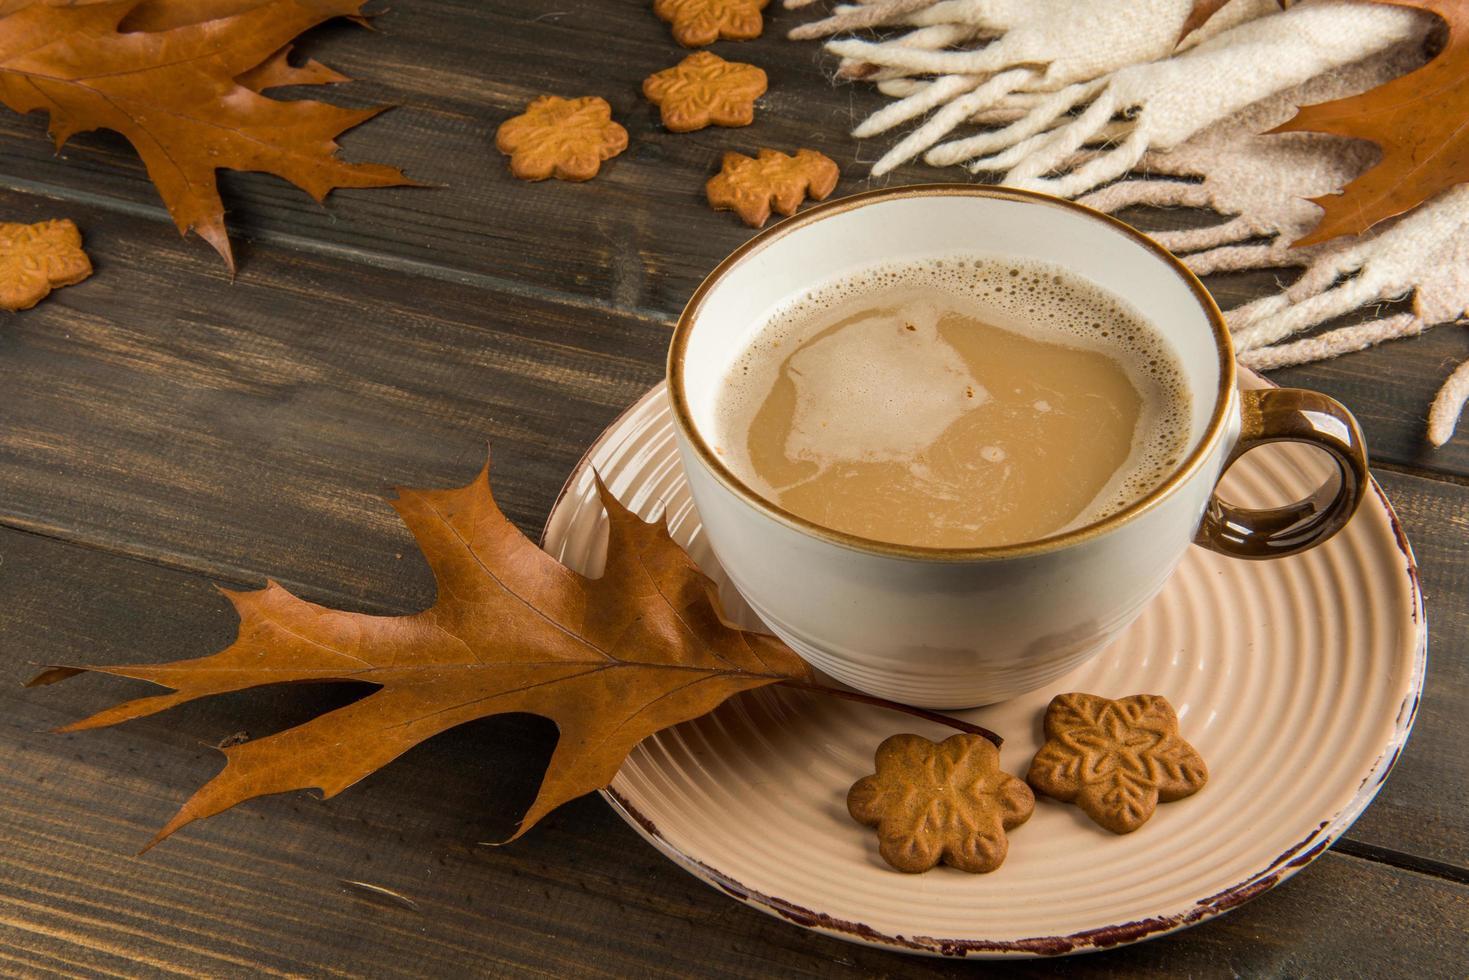 koffiekopje met herfstbladeren en koekjes foto